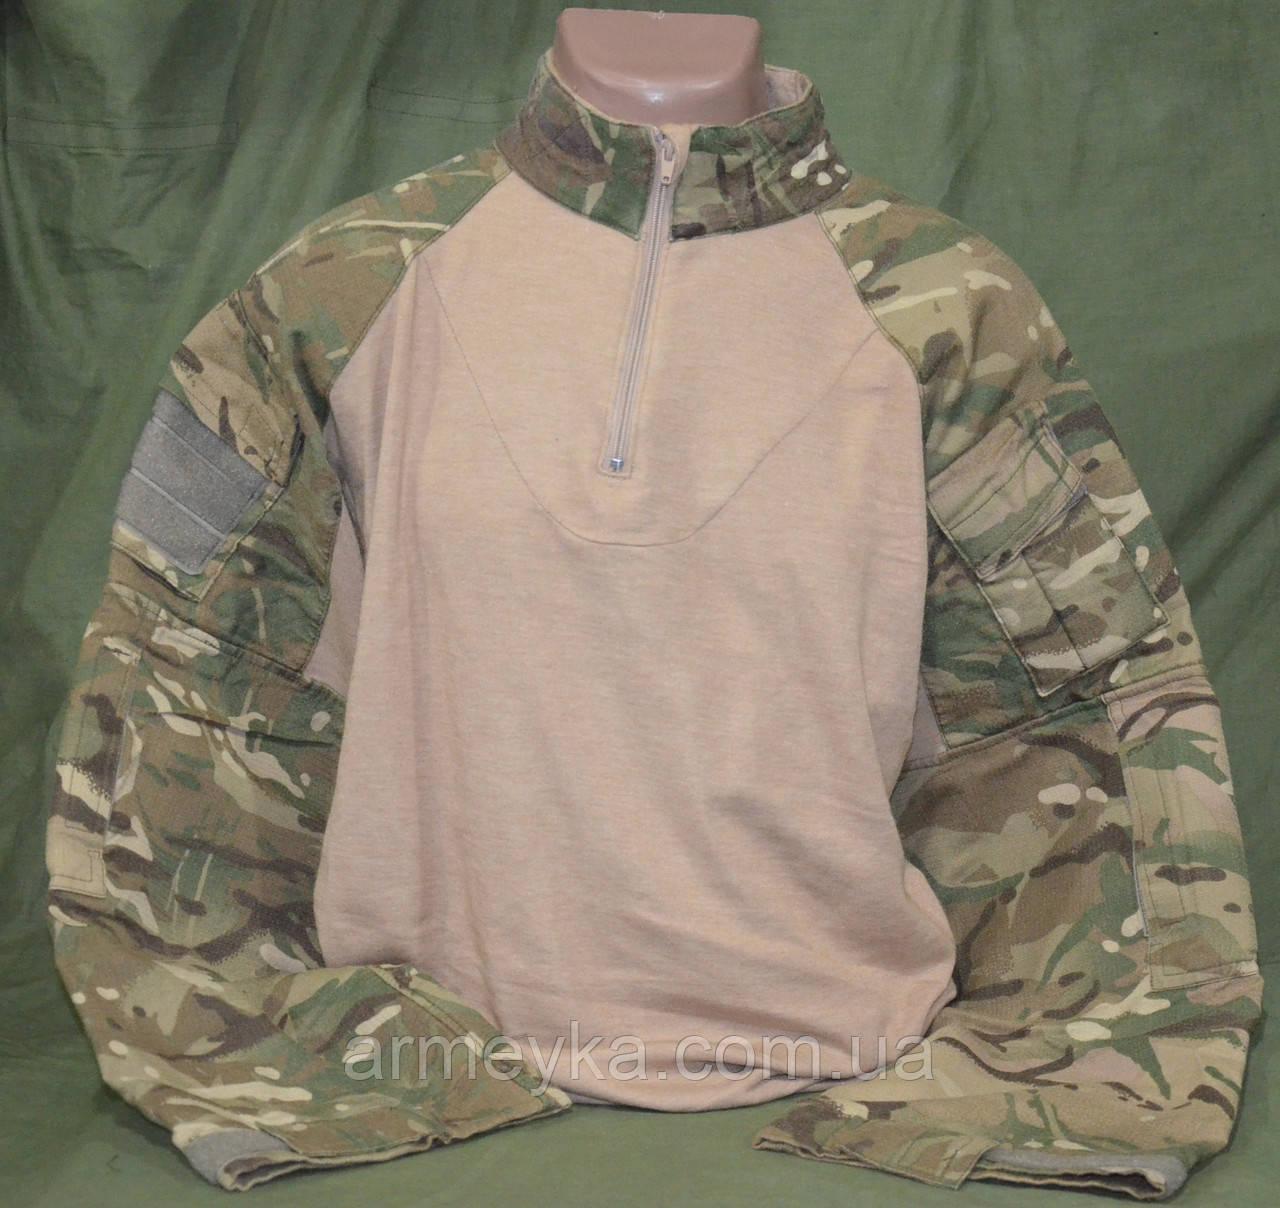 UBACS (боевая рубашка) огнеупорный Flame Resistant в расцветке MTP. Великобритания , оригинал